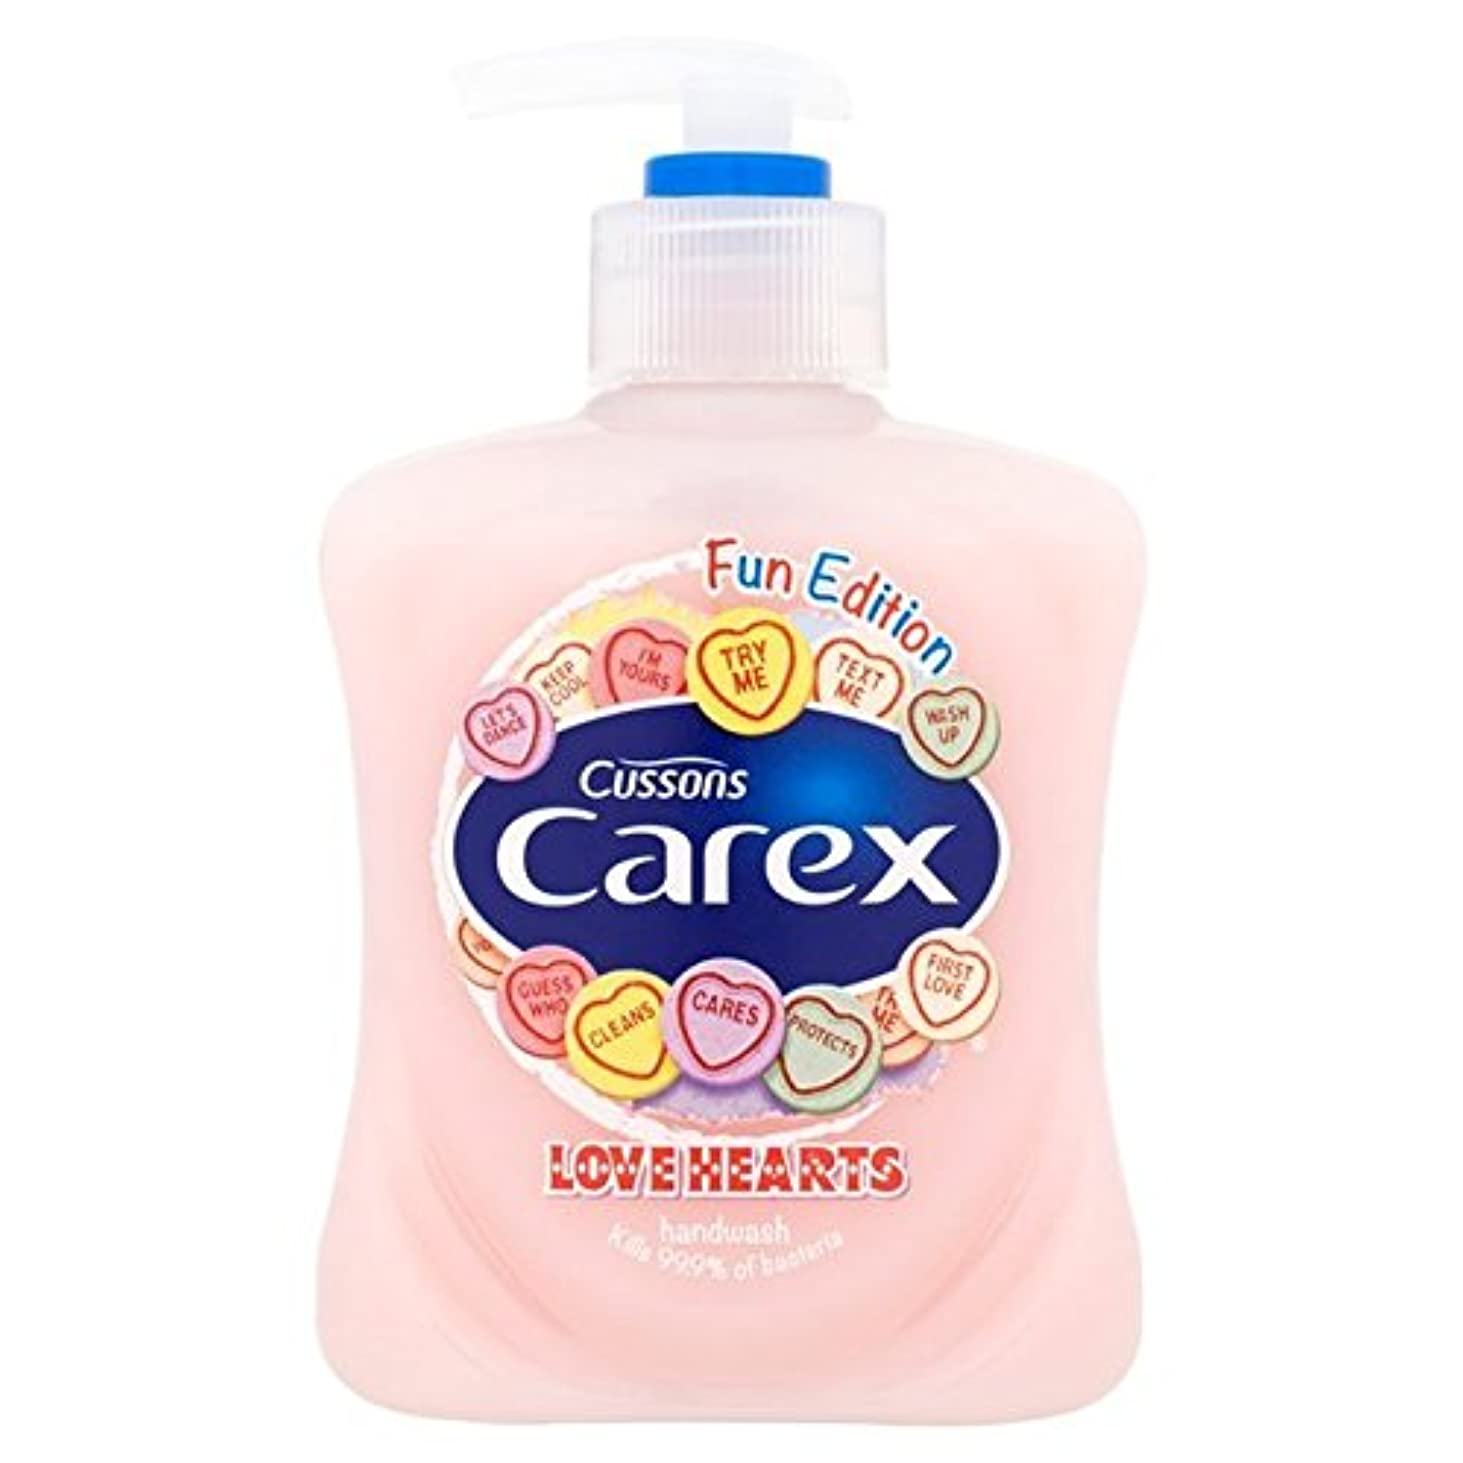 異常なめる嵐Carex Fun Edition Love Hearts Hand Wash 250ml - スゲ楽しい版愛の心のハンドウォッシュ250ミリリットル [並行輸入品]